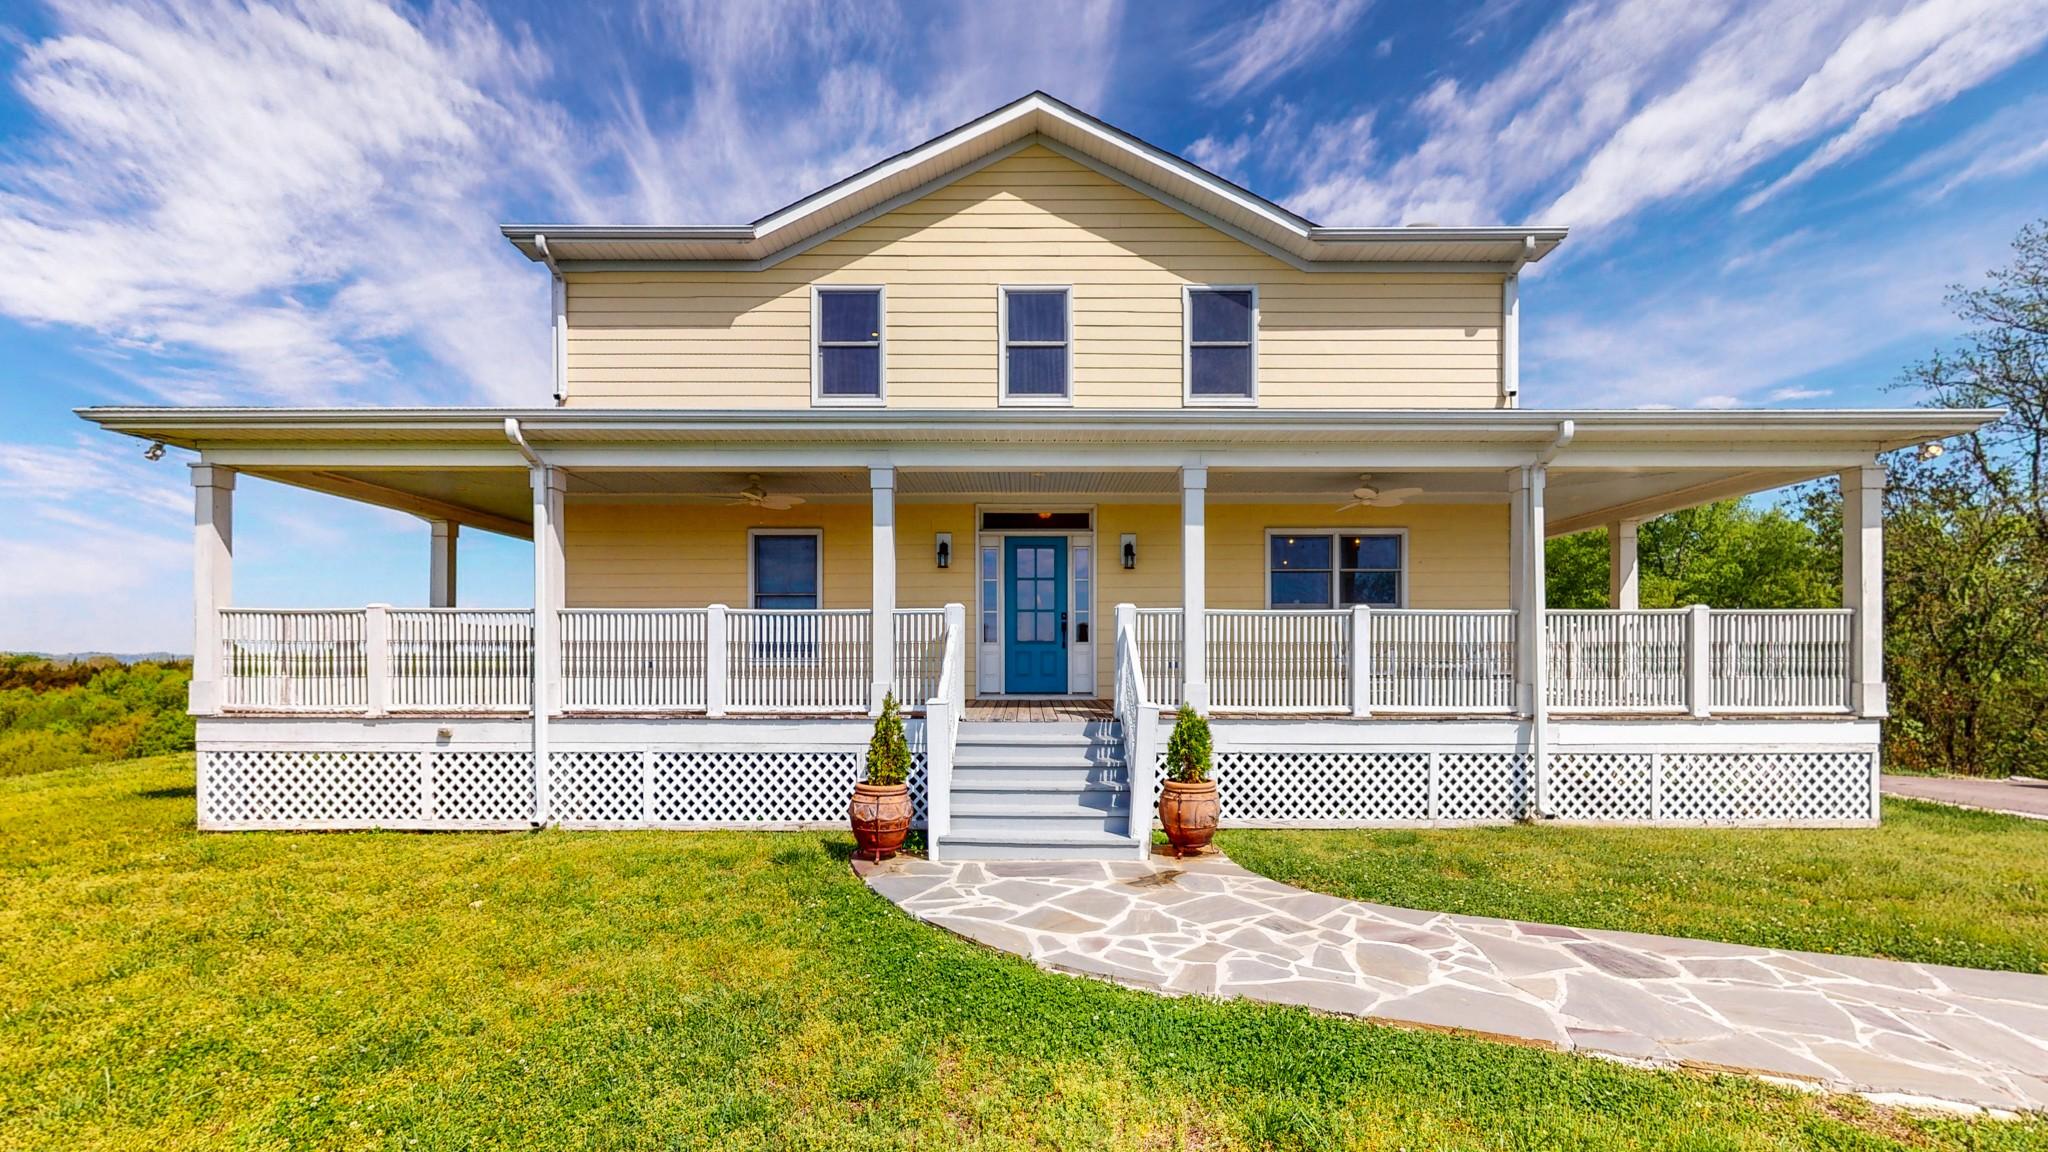 107 Barnes Hollow Rd, Fayetteville, TN 37334 - Fayetteville, TN real estate listing